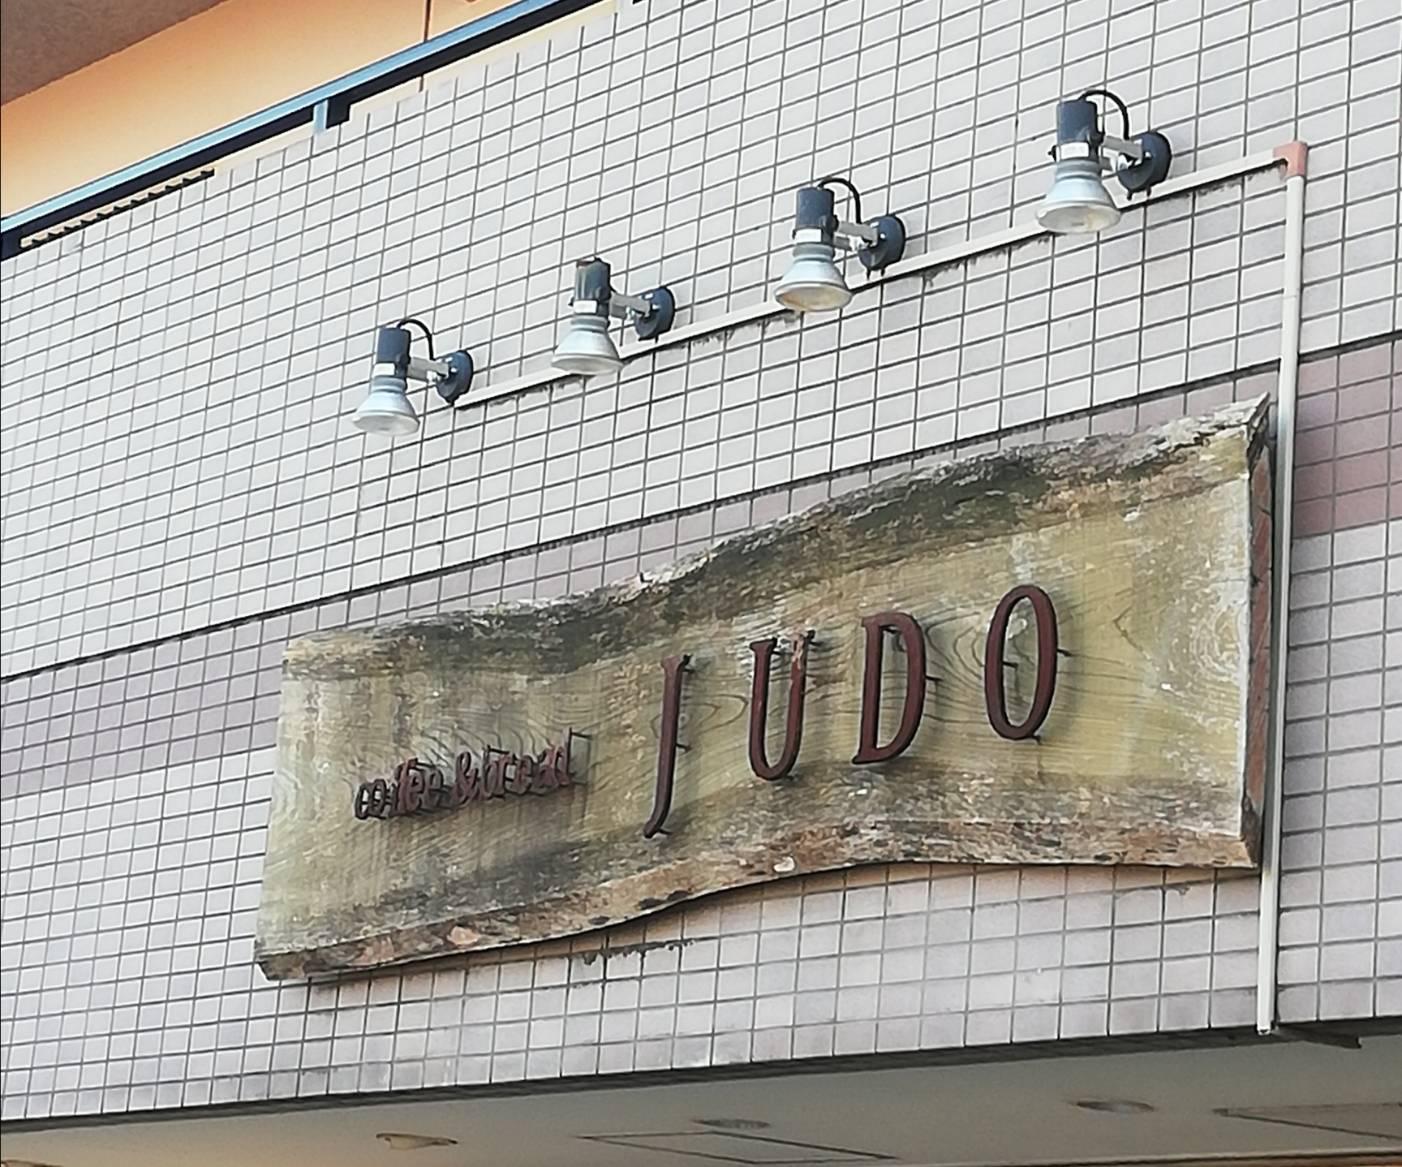 じゅん散歩二十世紀が丘JUDO